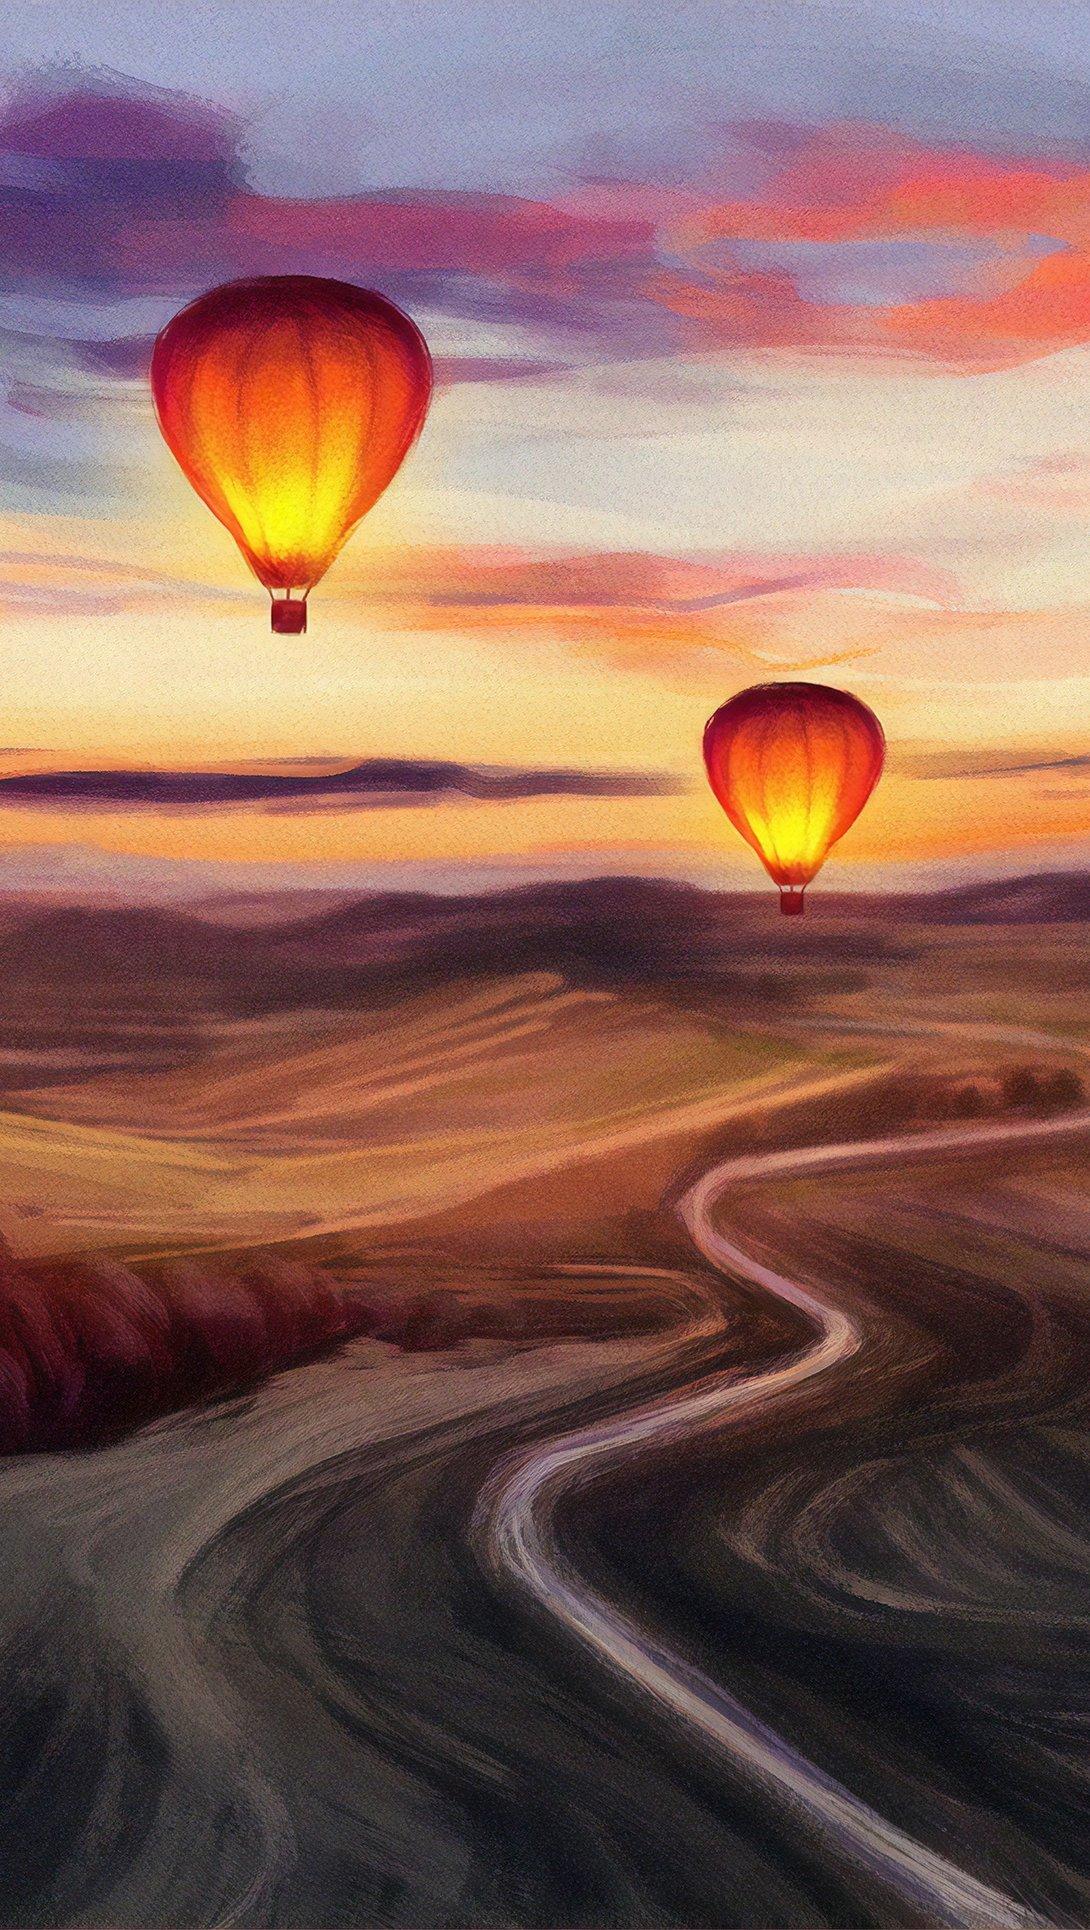 Fondos de pantalla Pintura de globos aerostáticos Vertical